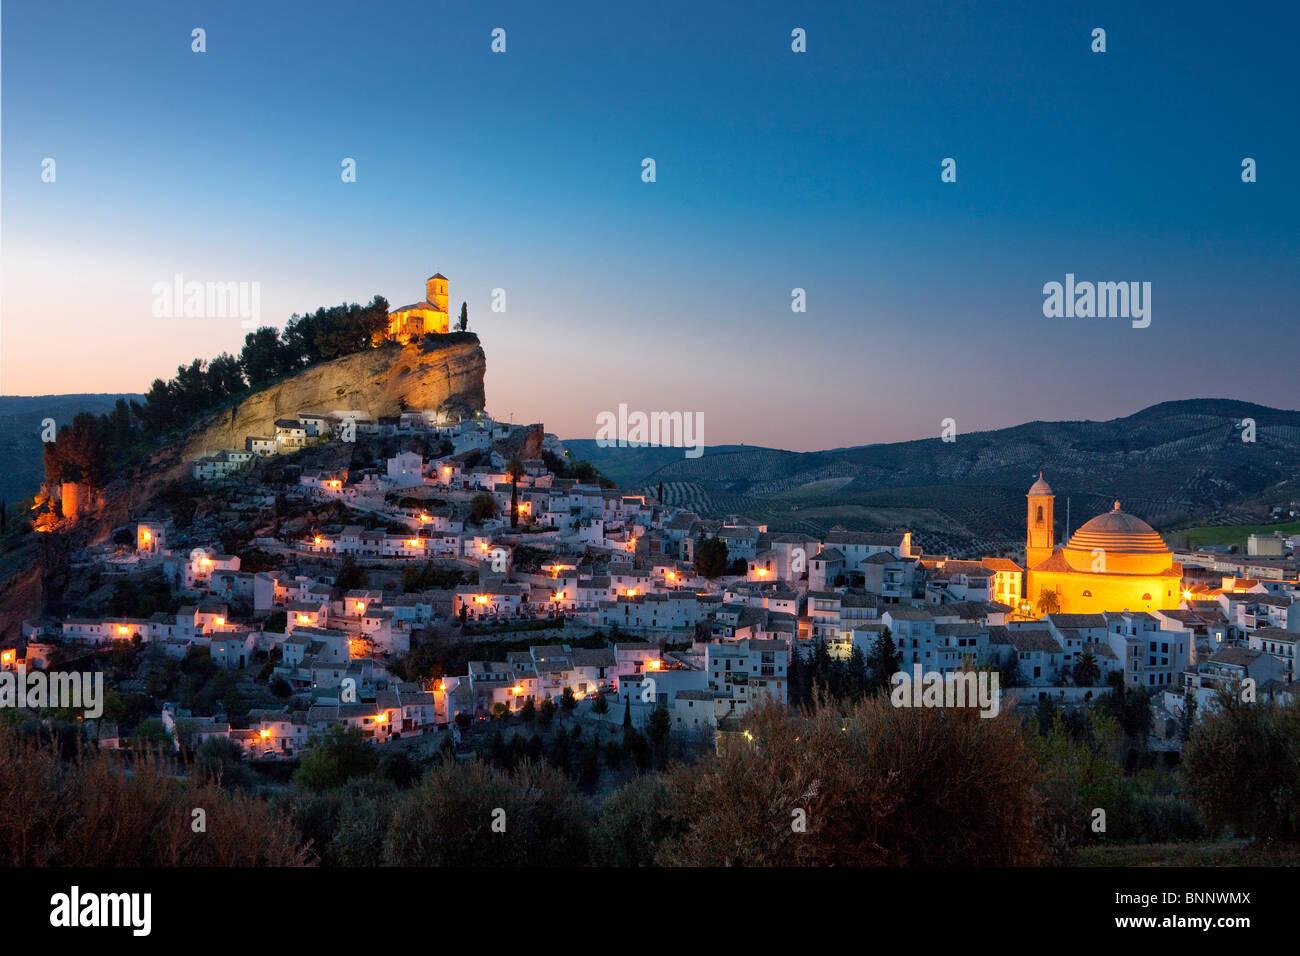 Andalousie Espagne Montefrio hill town city soir voyager tourisme locations de vacances Photo Stock